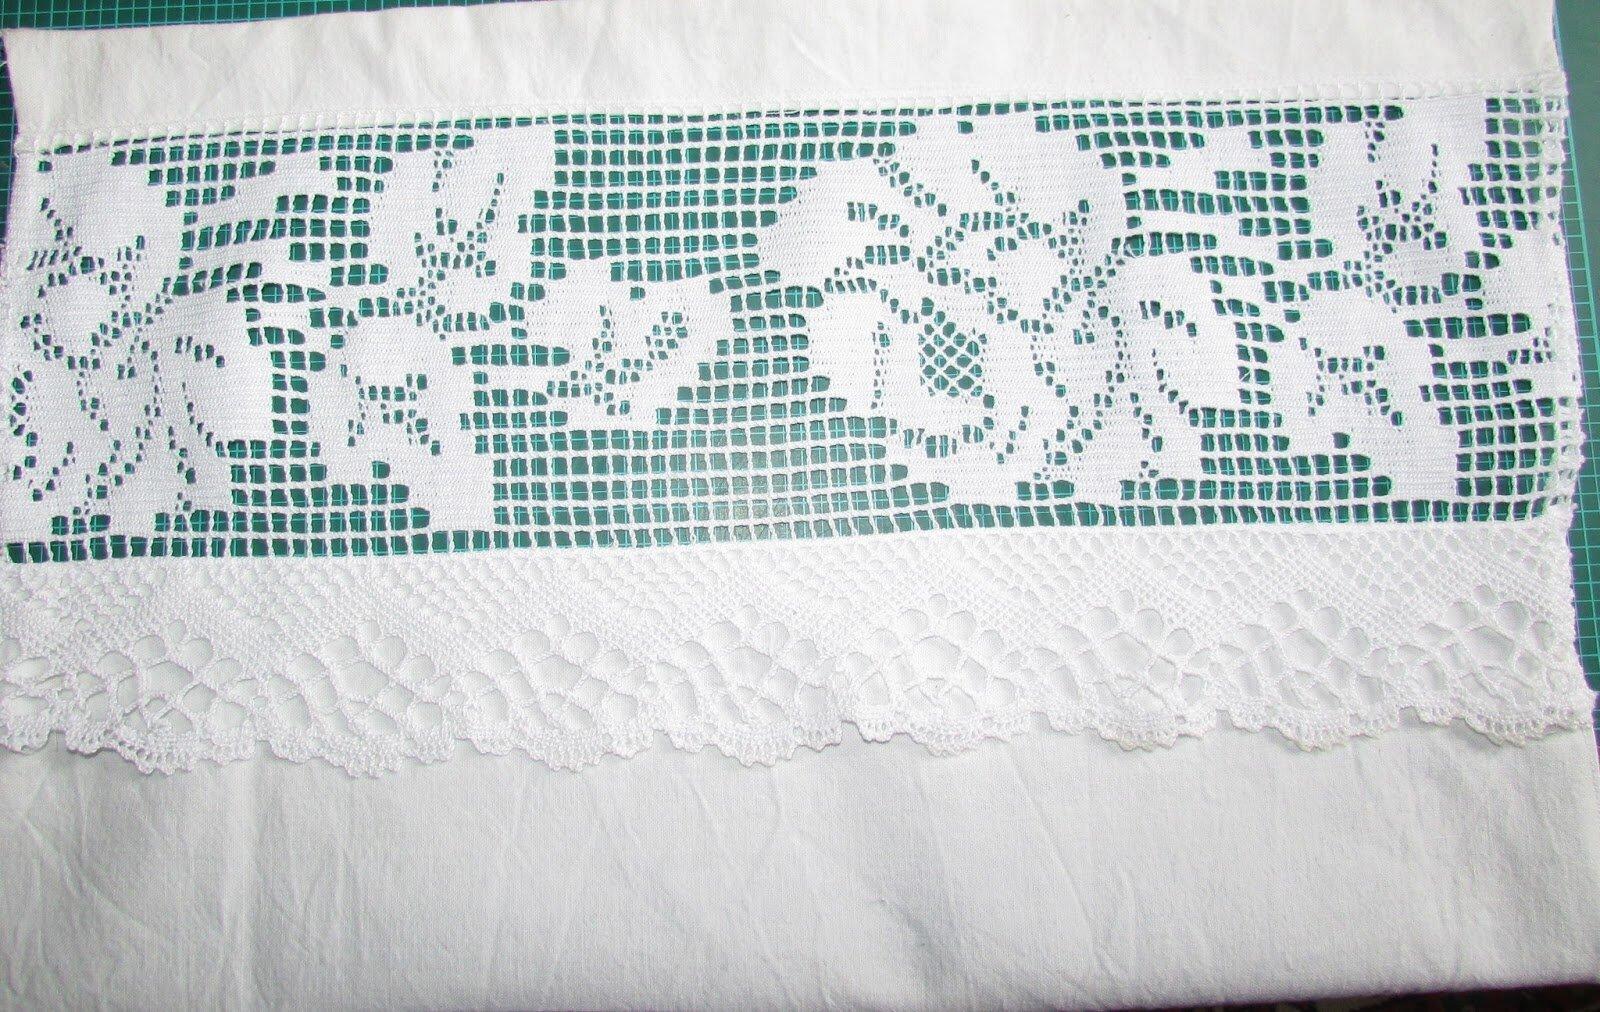 2 Rideaux Brise Bise Lin Dentelles Pompon En Crochet